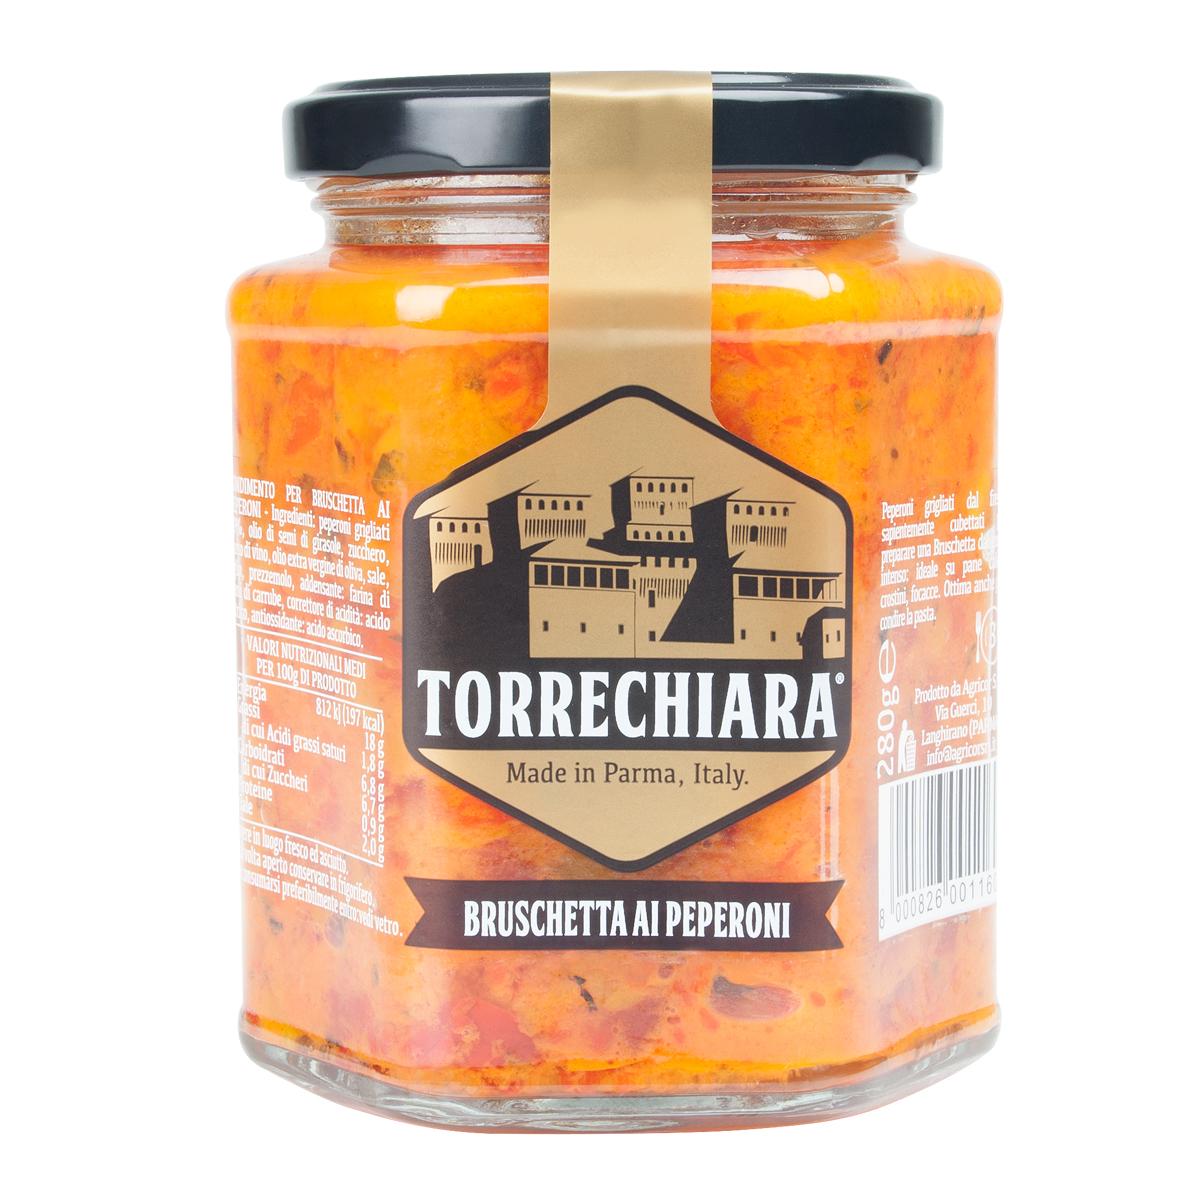 bruschetta-peperoni-314ml-torrechiara-1200